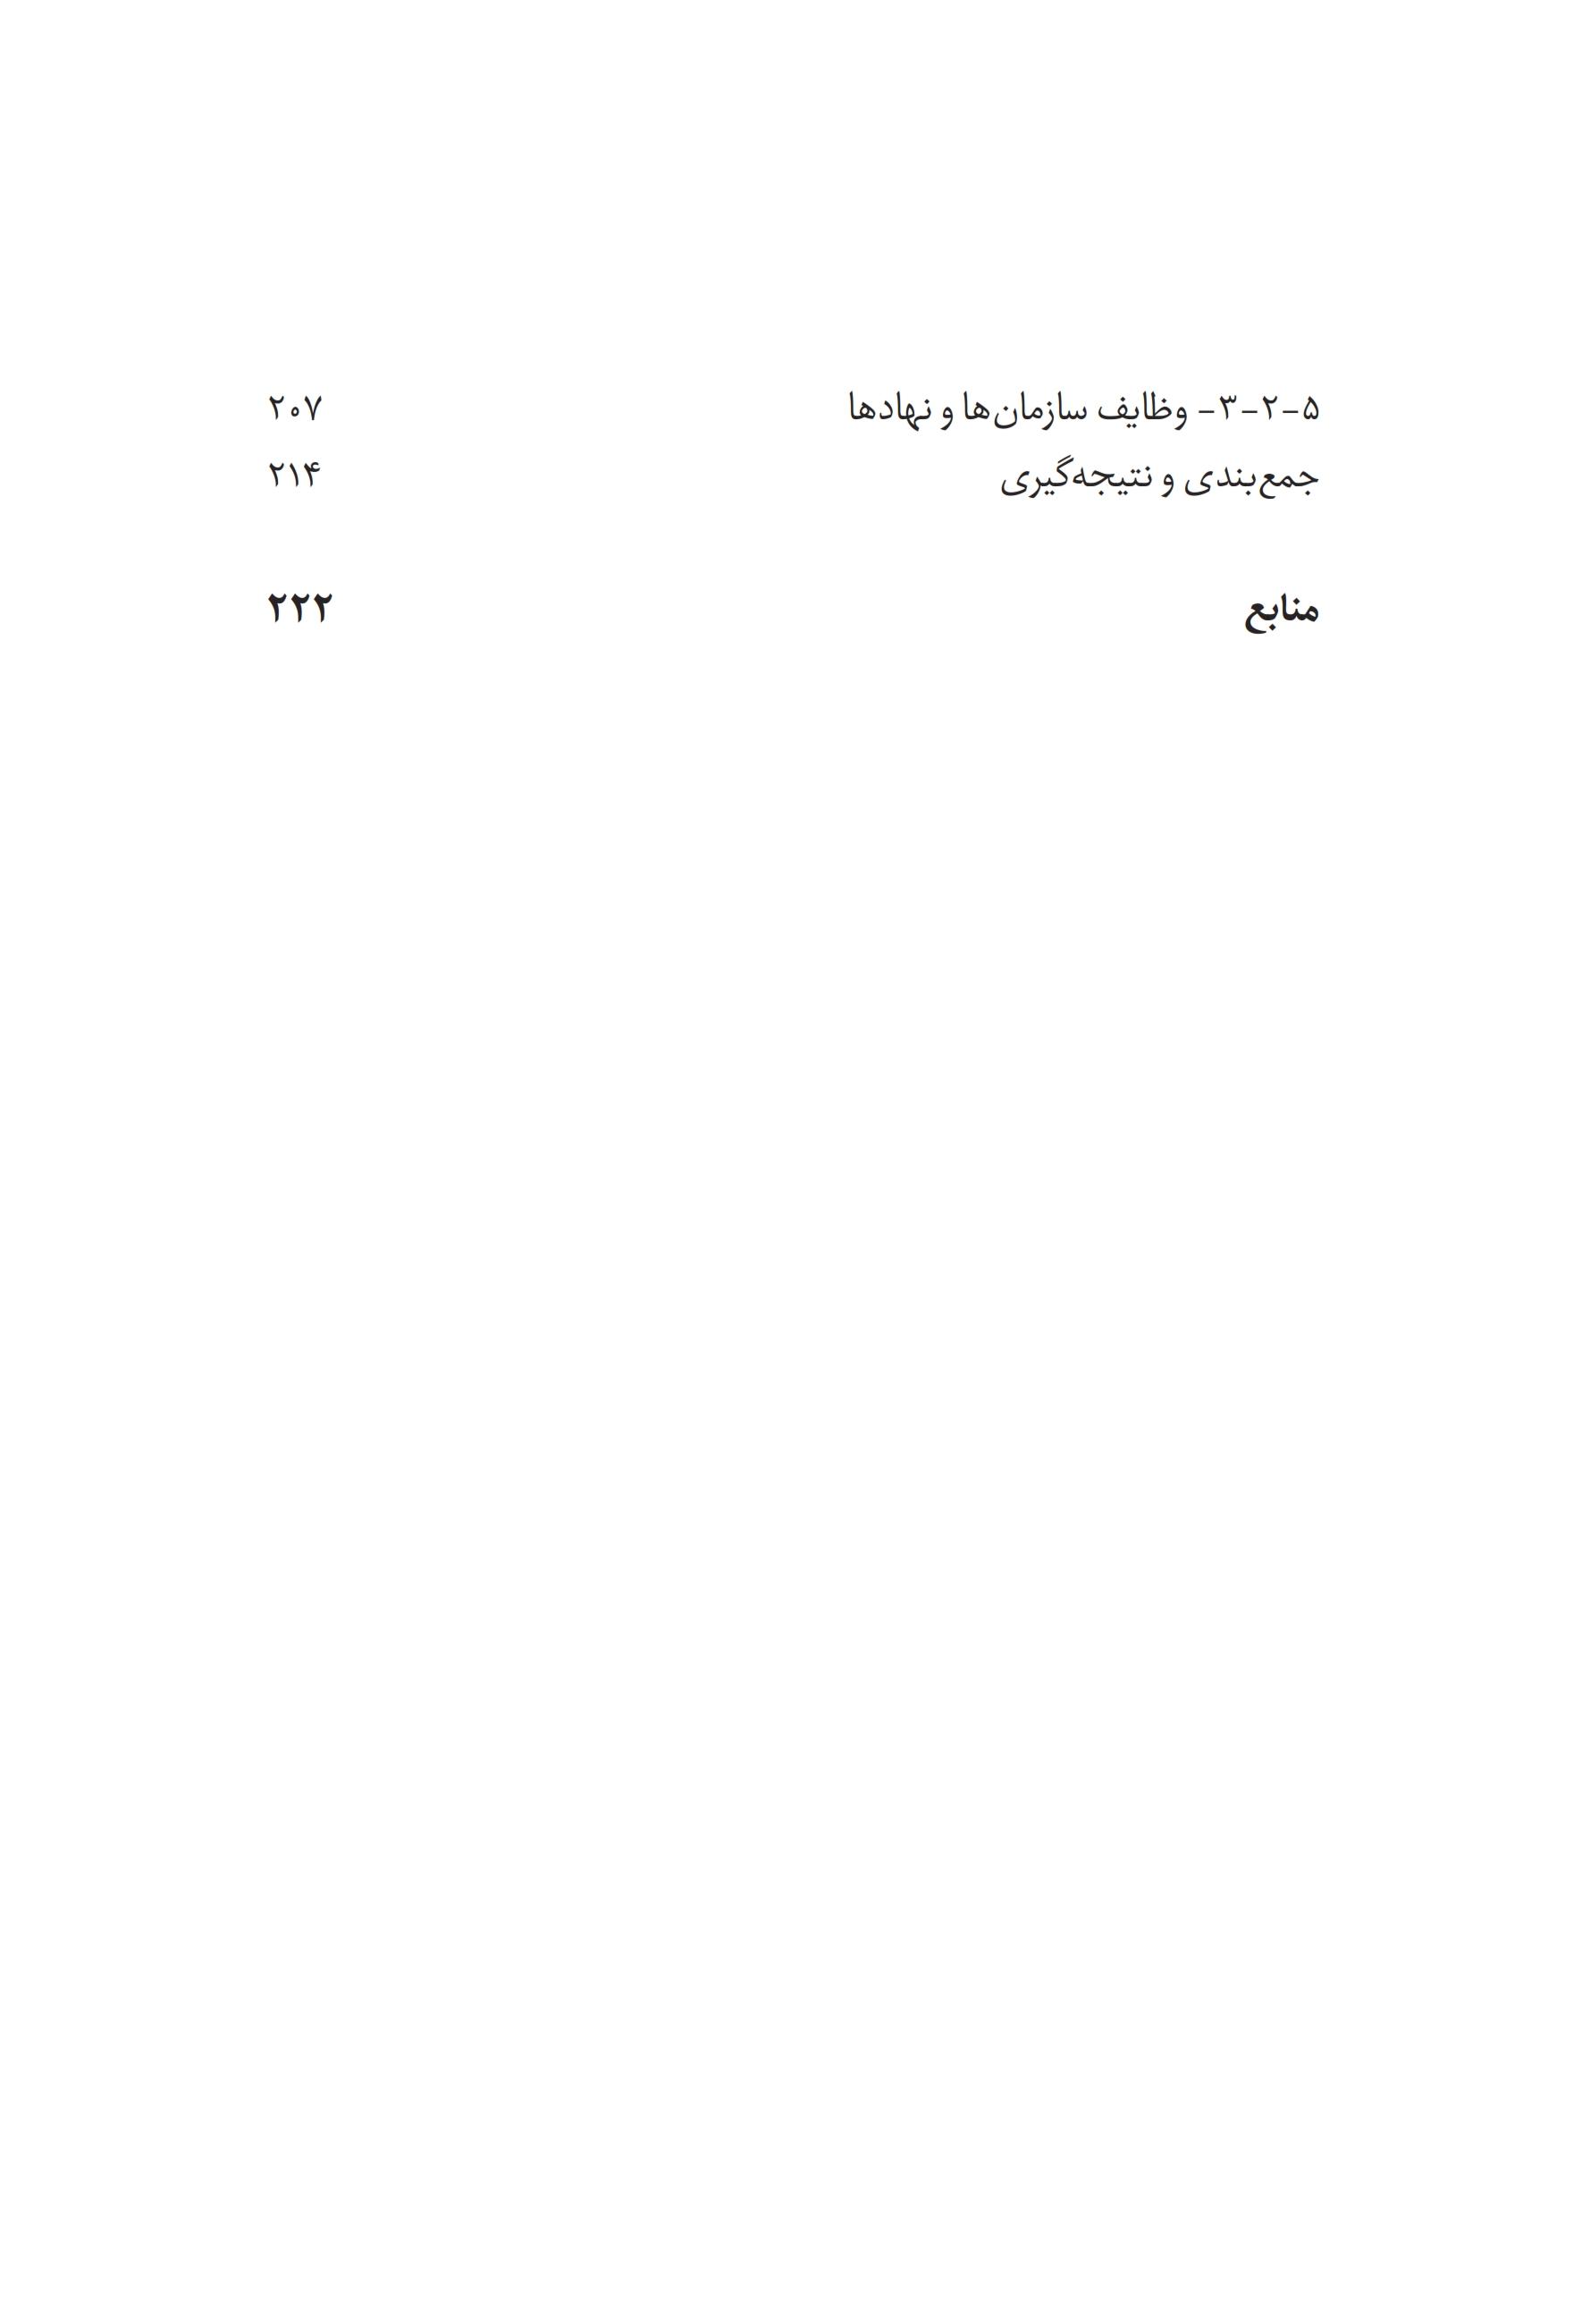 سبک زندگی اسلامی - ایرانی در رسانه ملی